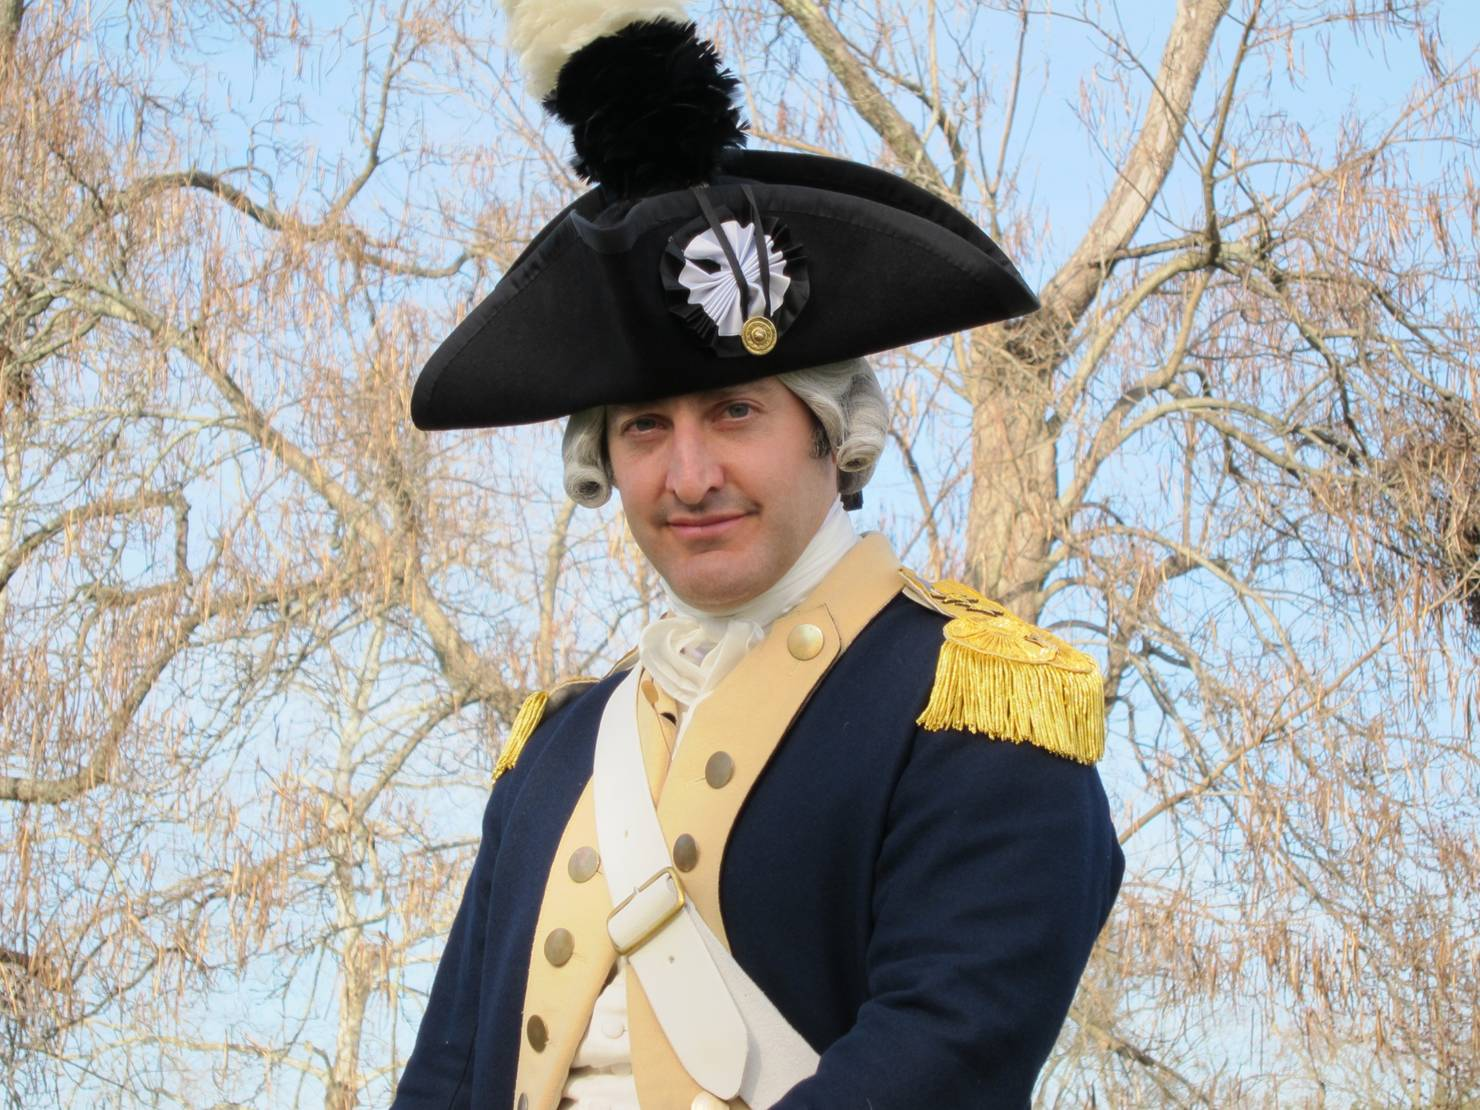 Shukla photo, Marquis de Lafayette at Colonial Williamsburg